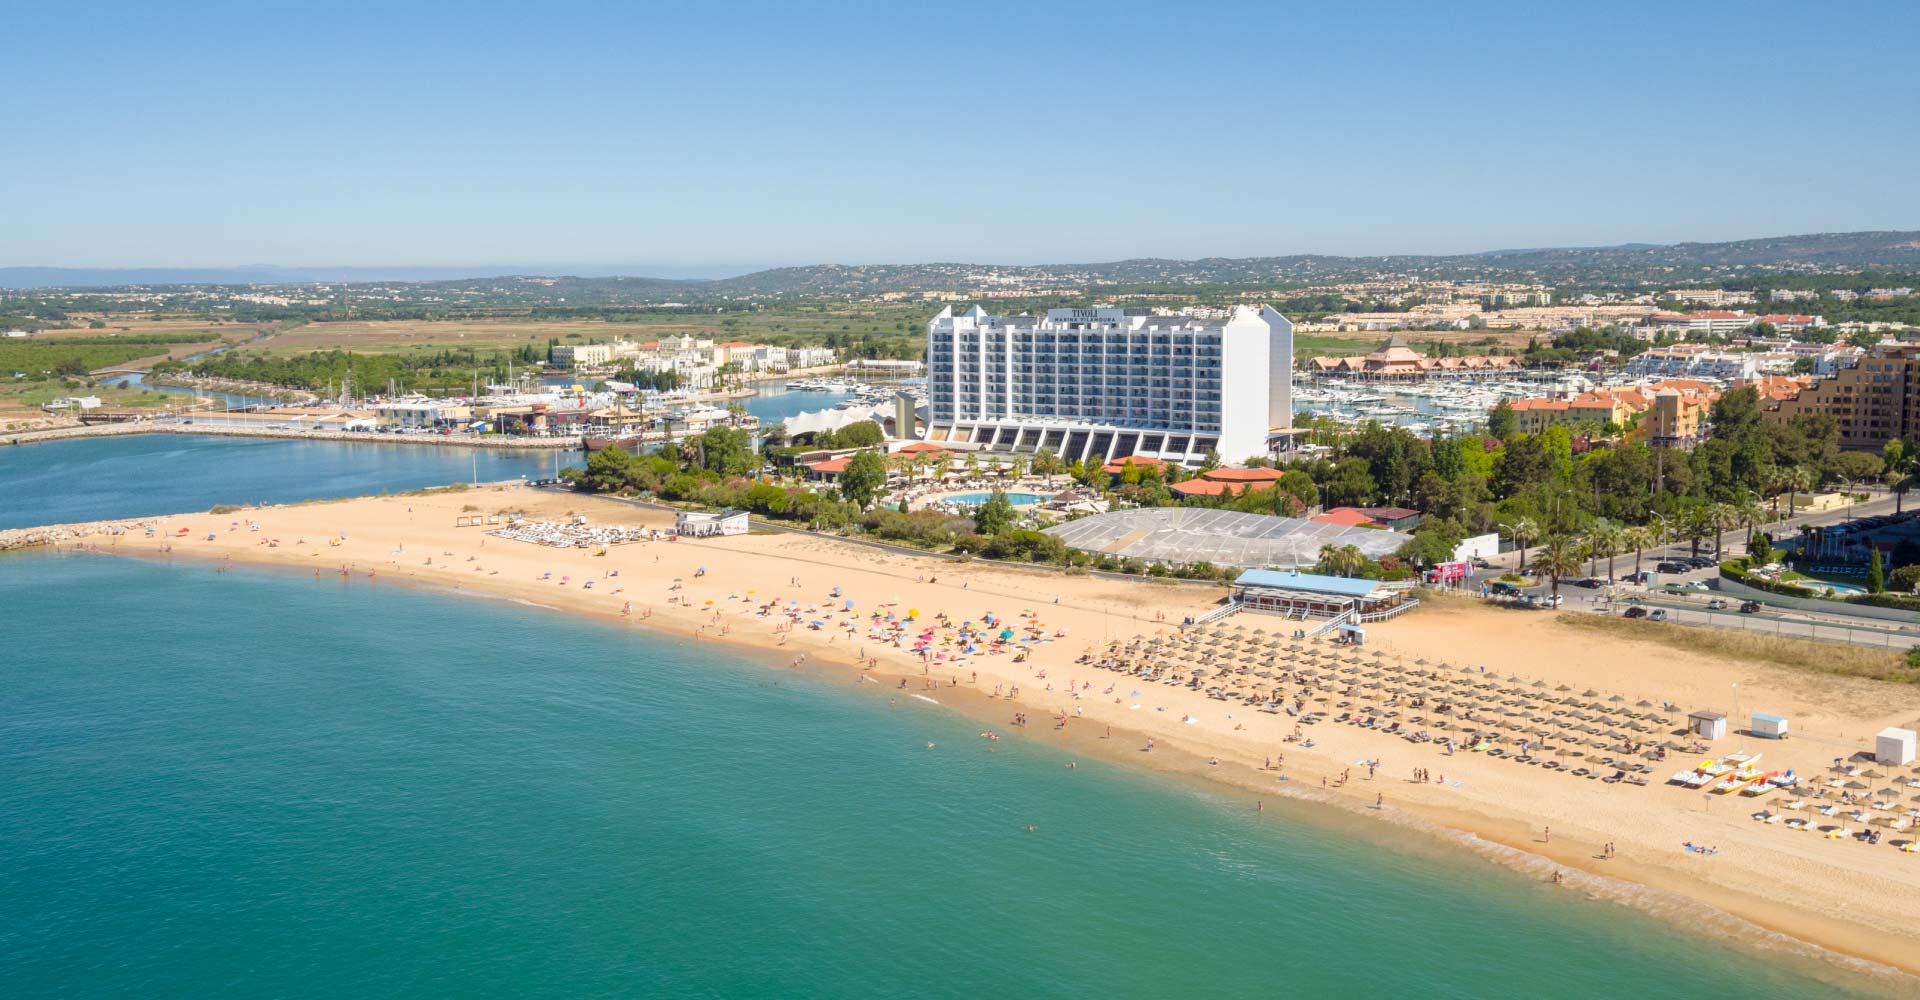 Tivoli Marina Vilamoura Ein 5 Sterne Resort In Vilamoura Algarve